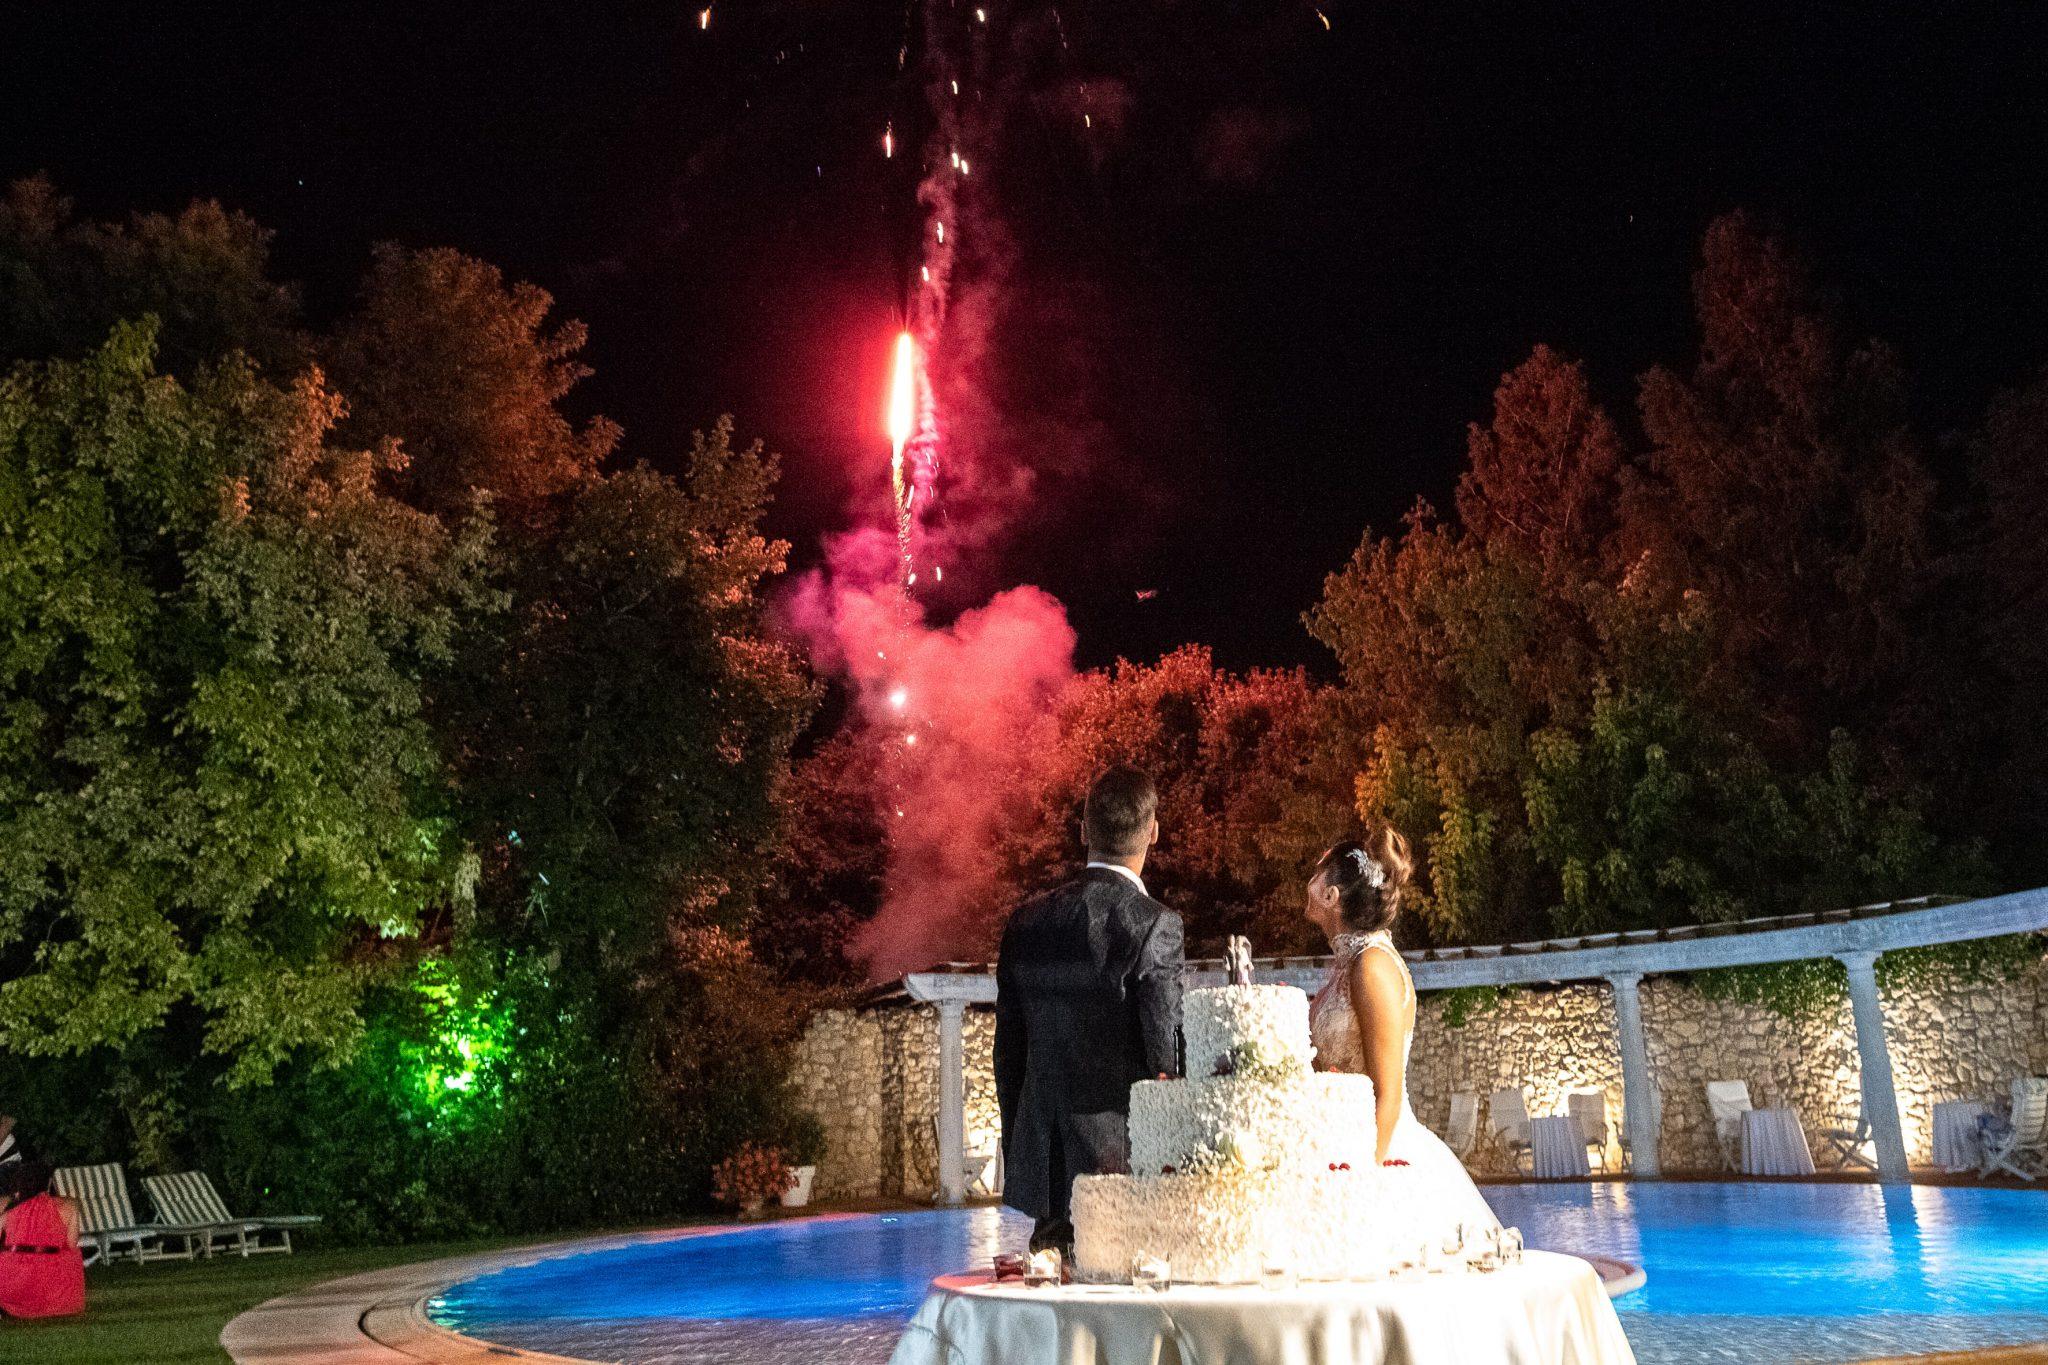 gli sposi con alle spalle la torta nuziale guardano i fuochi d'artificio